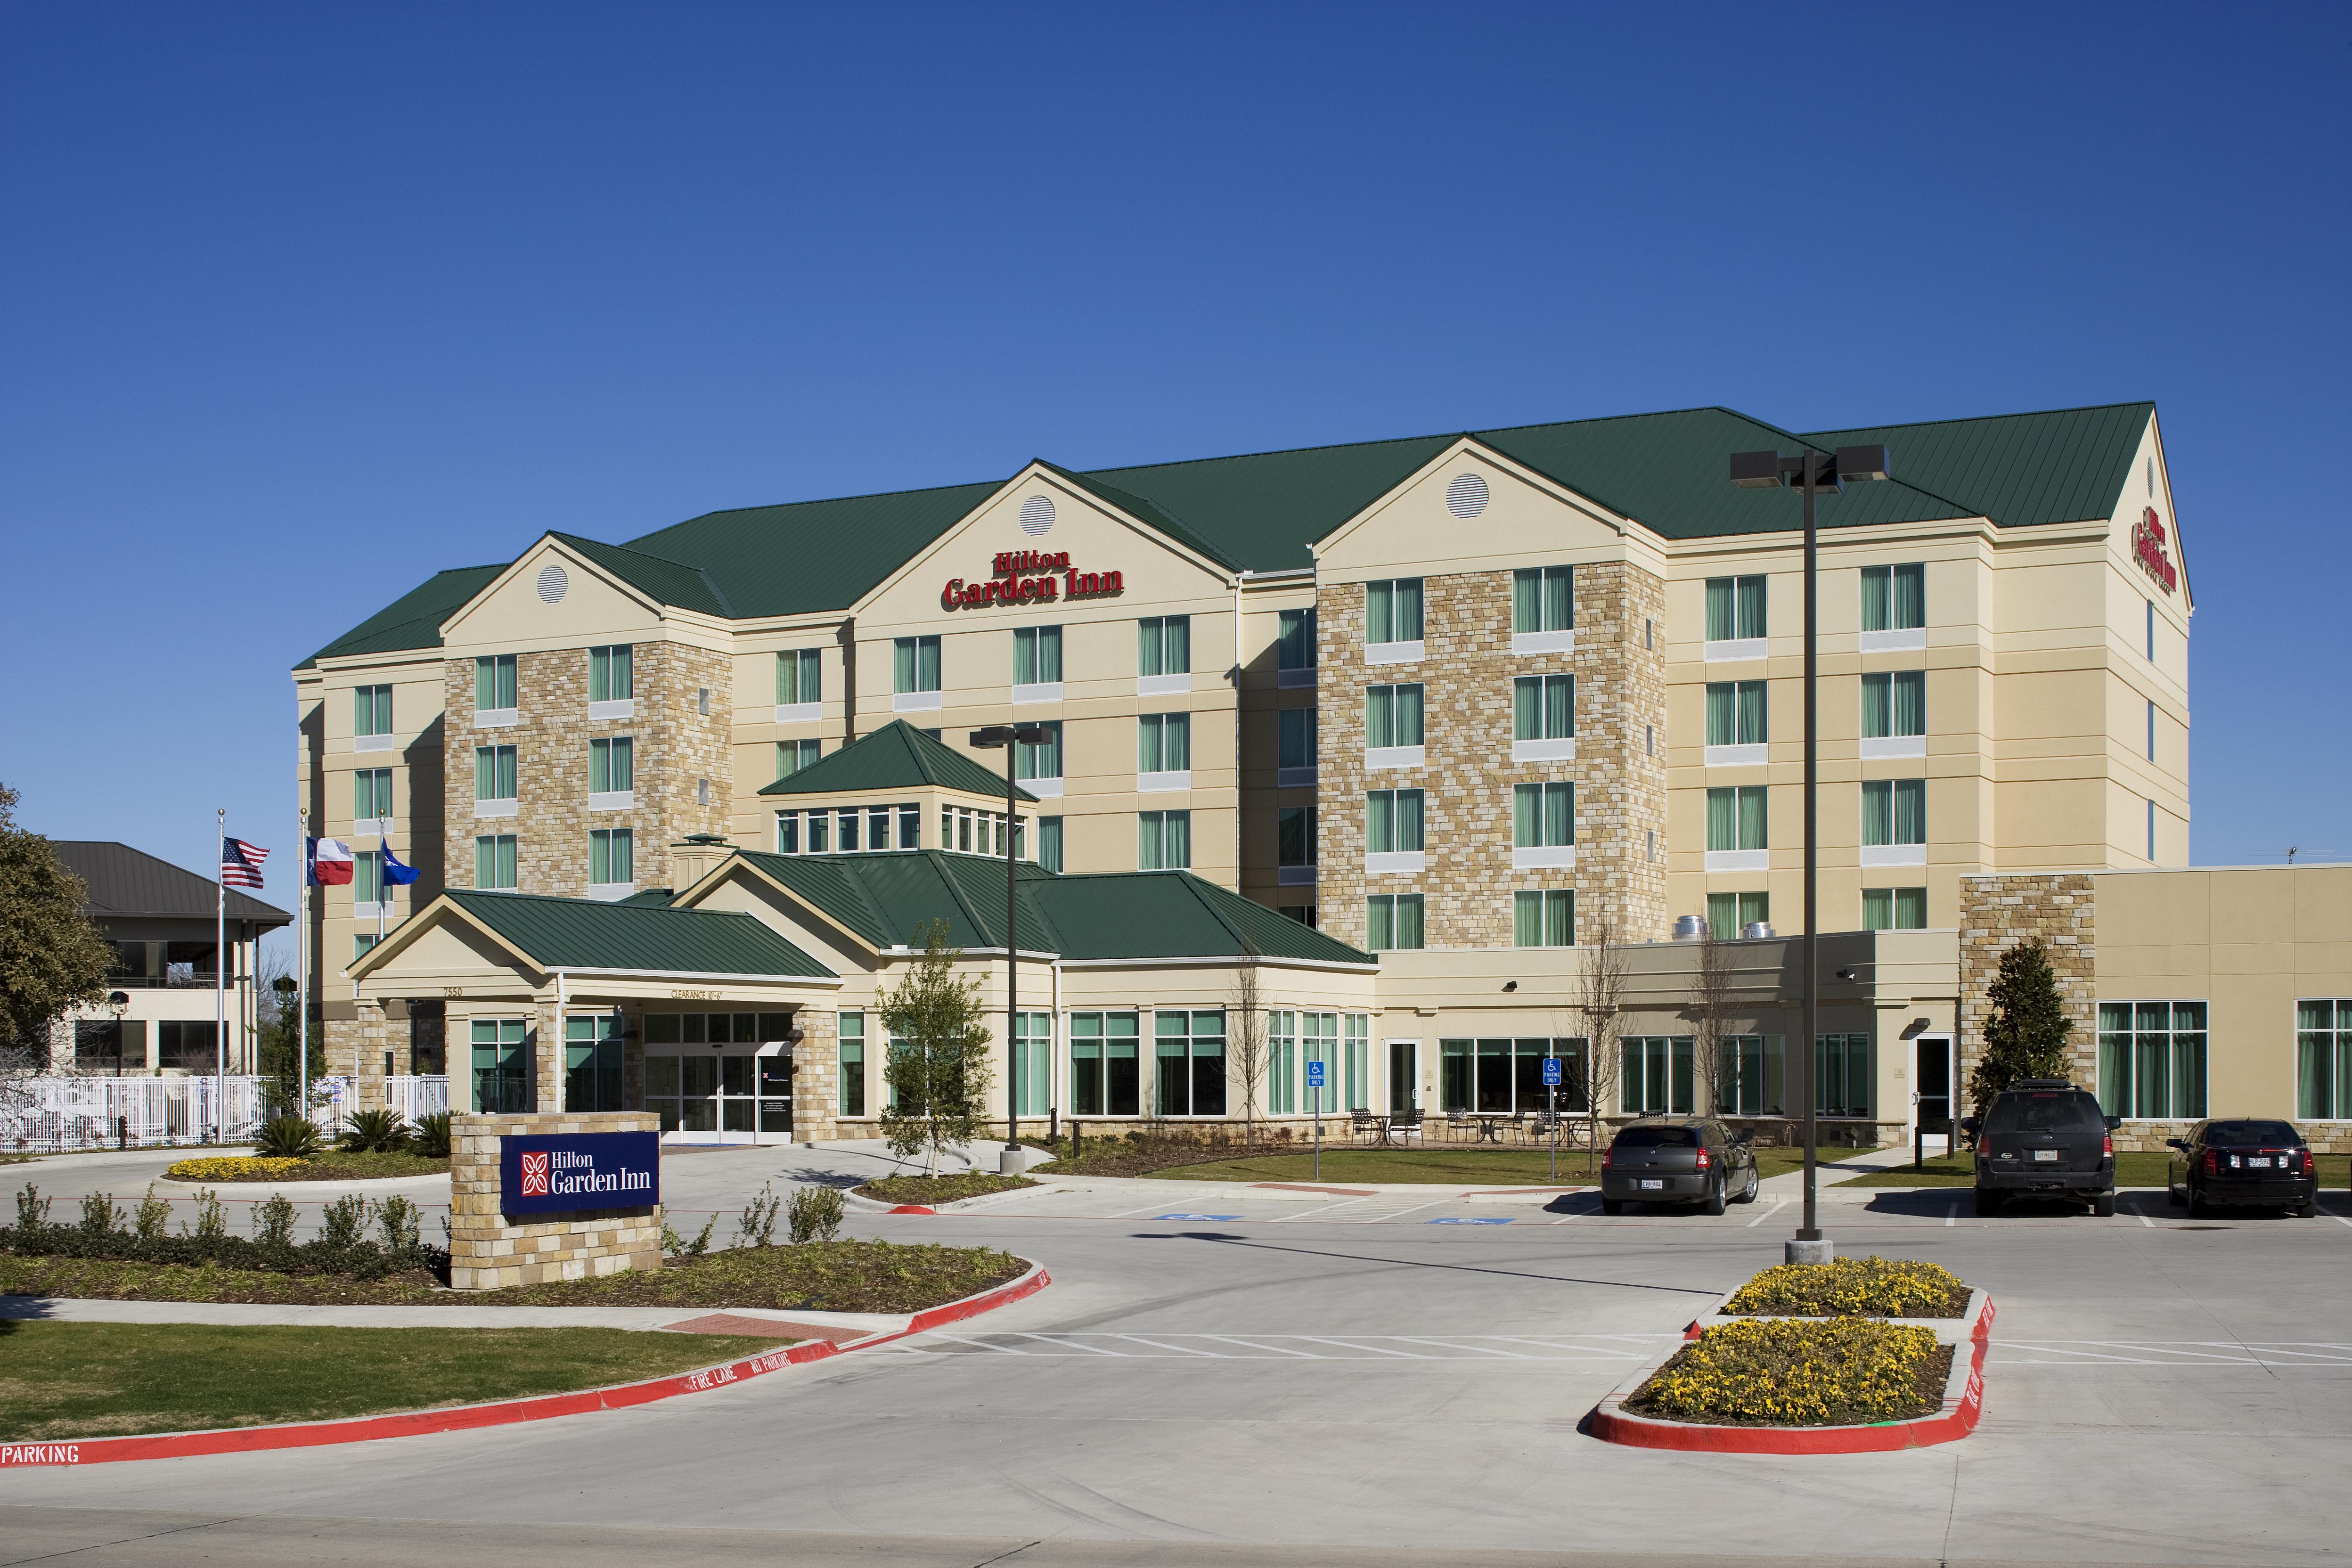 Hilton Garden Inn_Exterior. Hilton Garden Inn